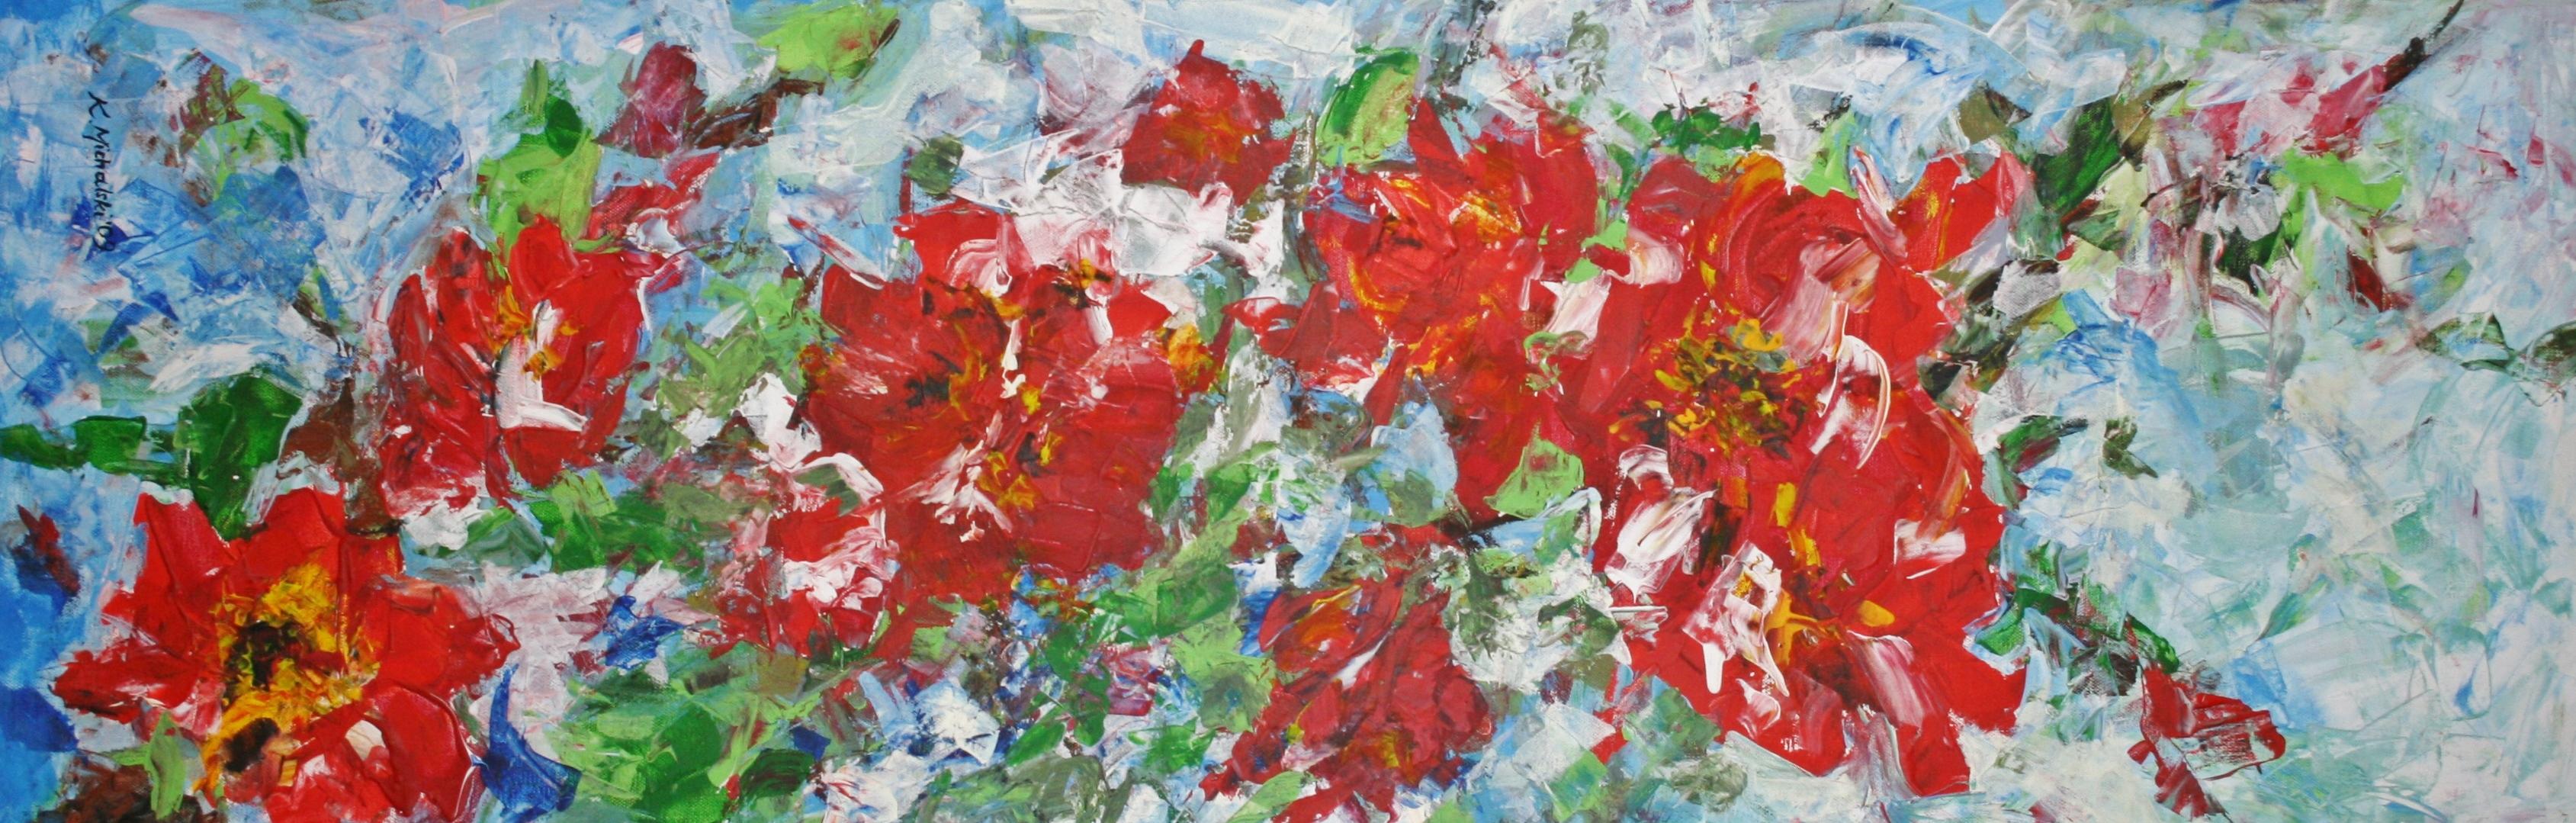 fröhlich, 2009, 120 x 40 x 3,5, Acryl auf Leinwand